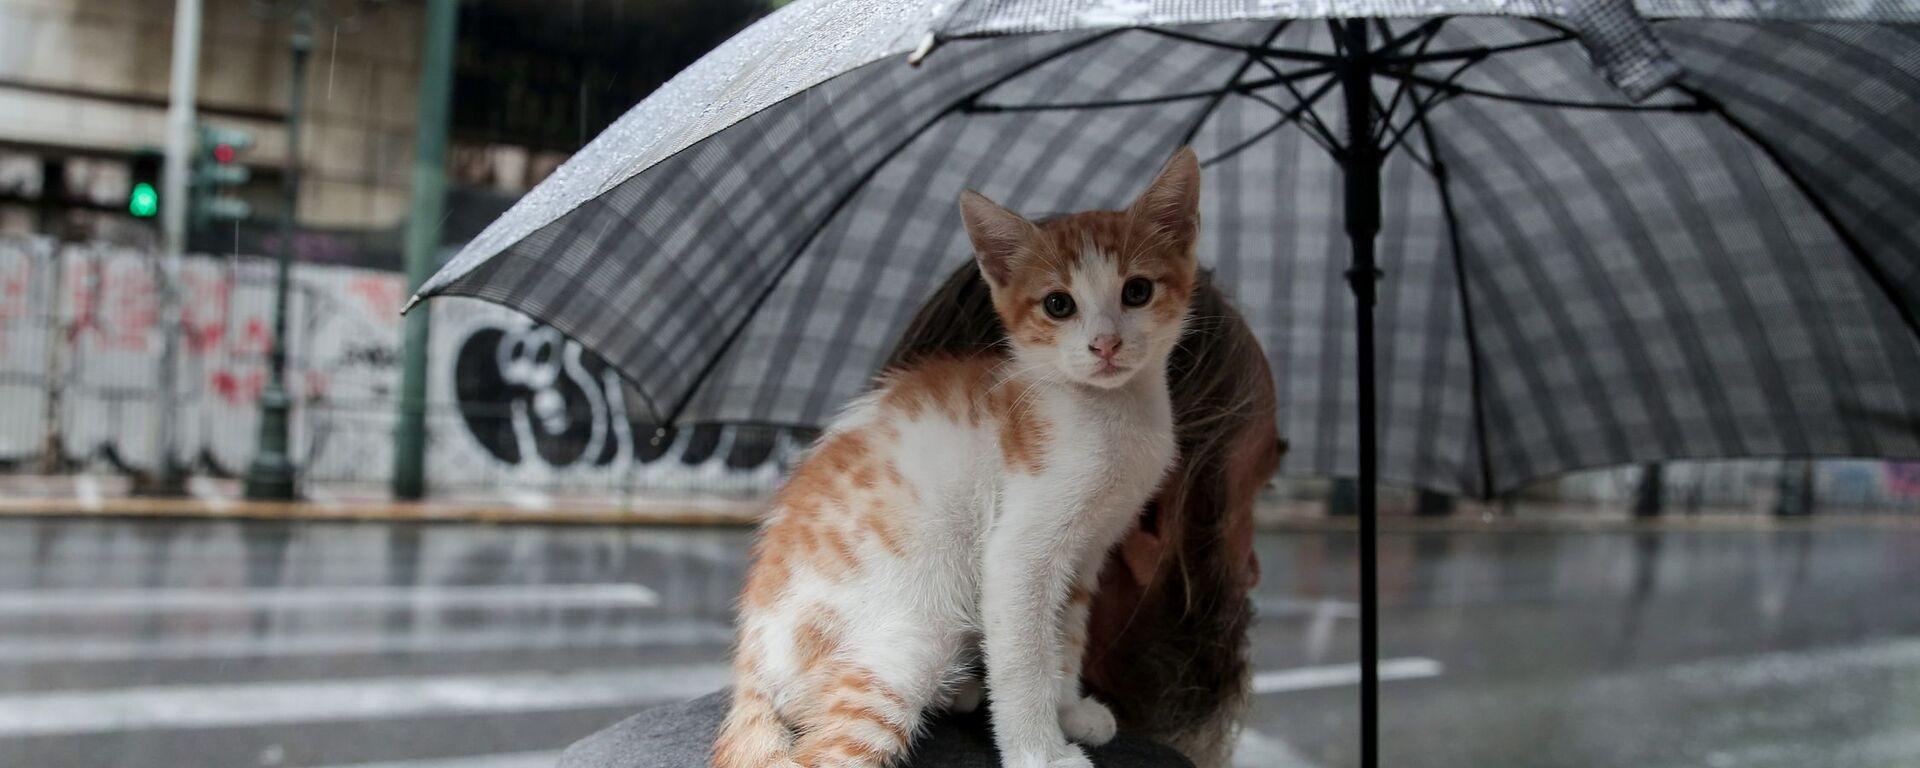 Βροχή στην Αθήνα - Sputnik Ελλάδα, 1920, 06.09.2021